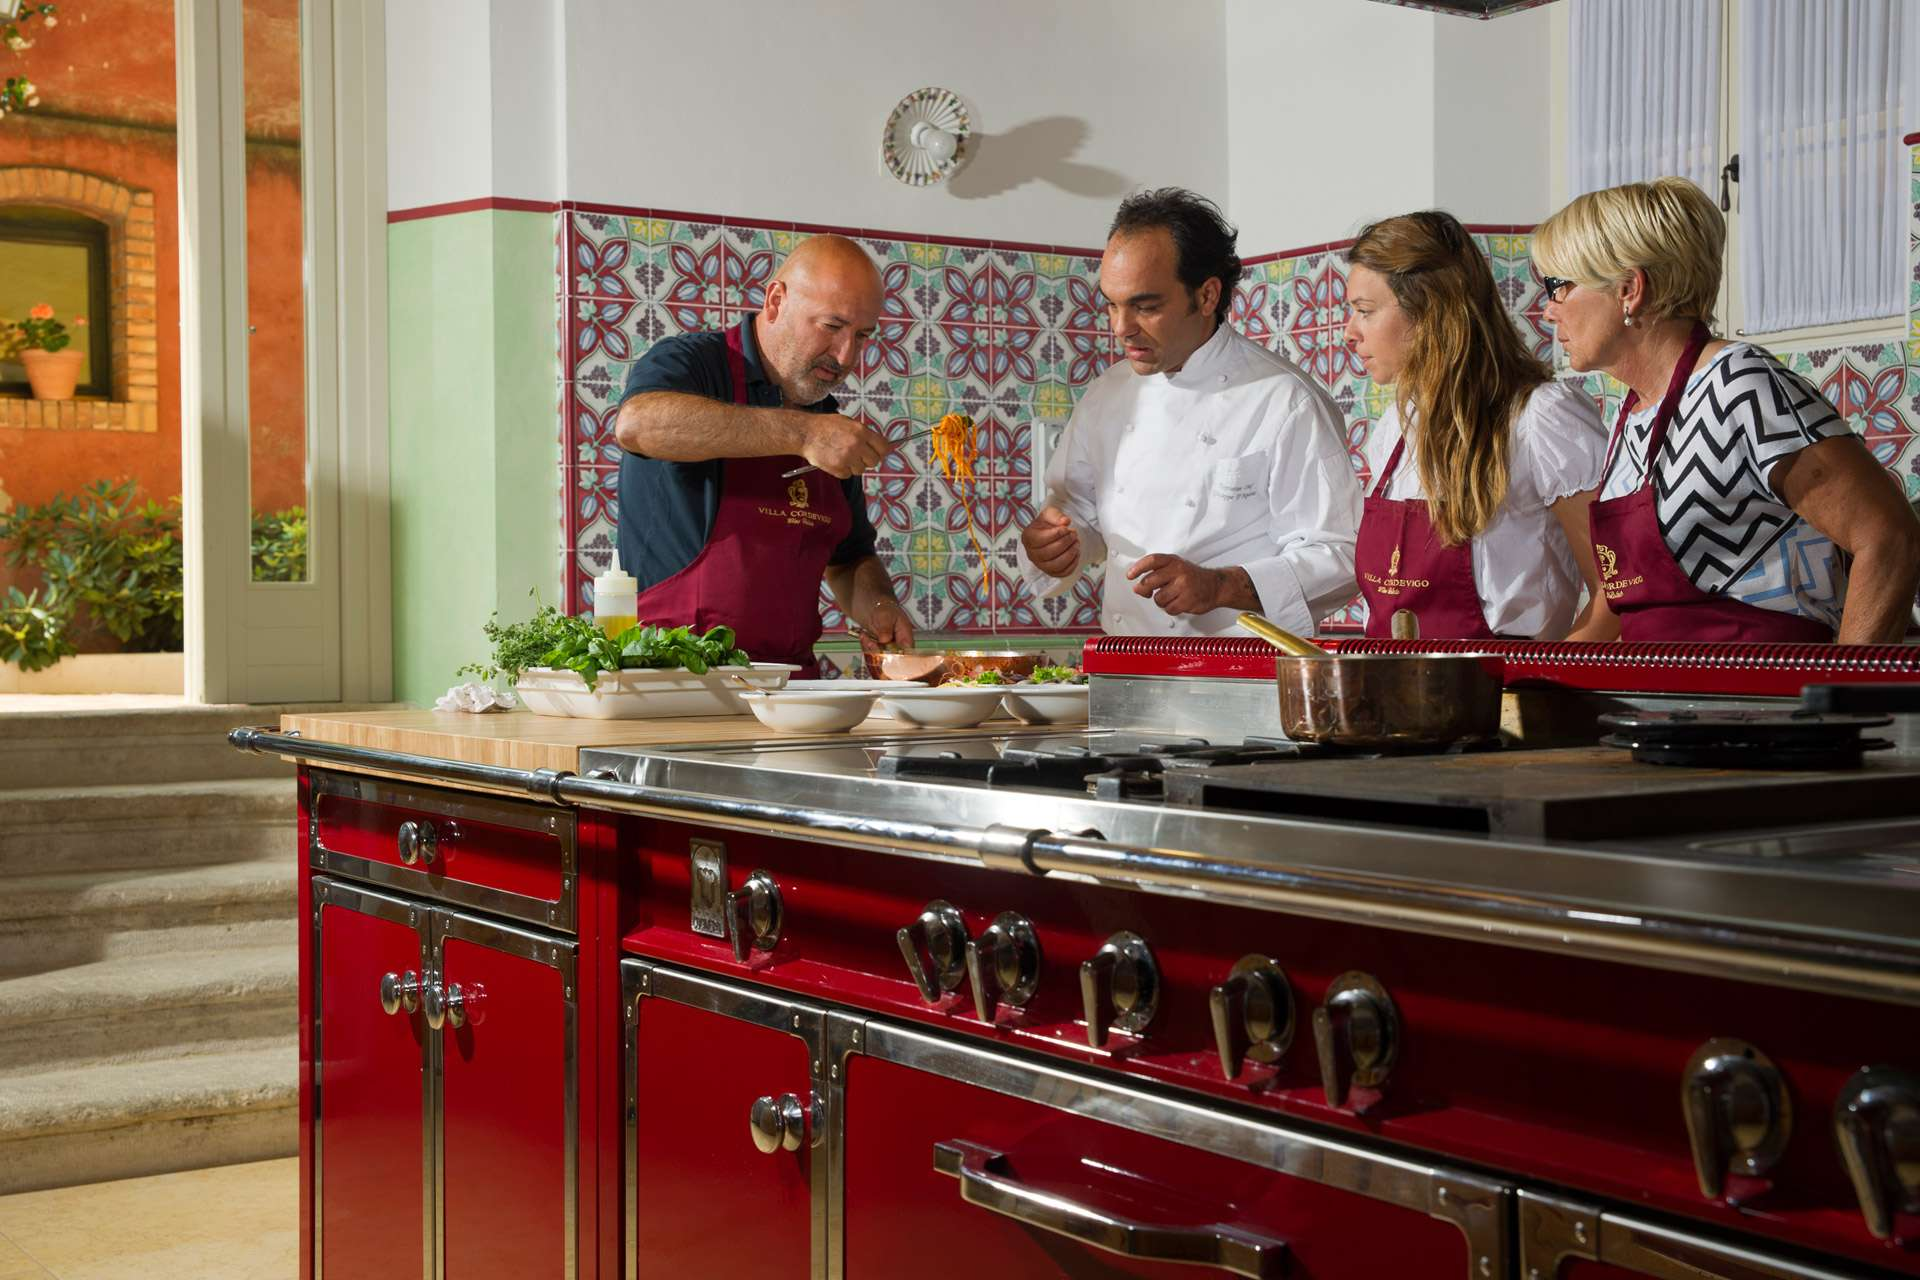 Corsi di cucina villa cordevigo wine relais spa hotel di lusso 5 stelle lago di garda - Corsi di cucina verona ...